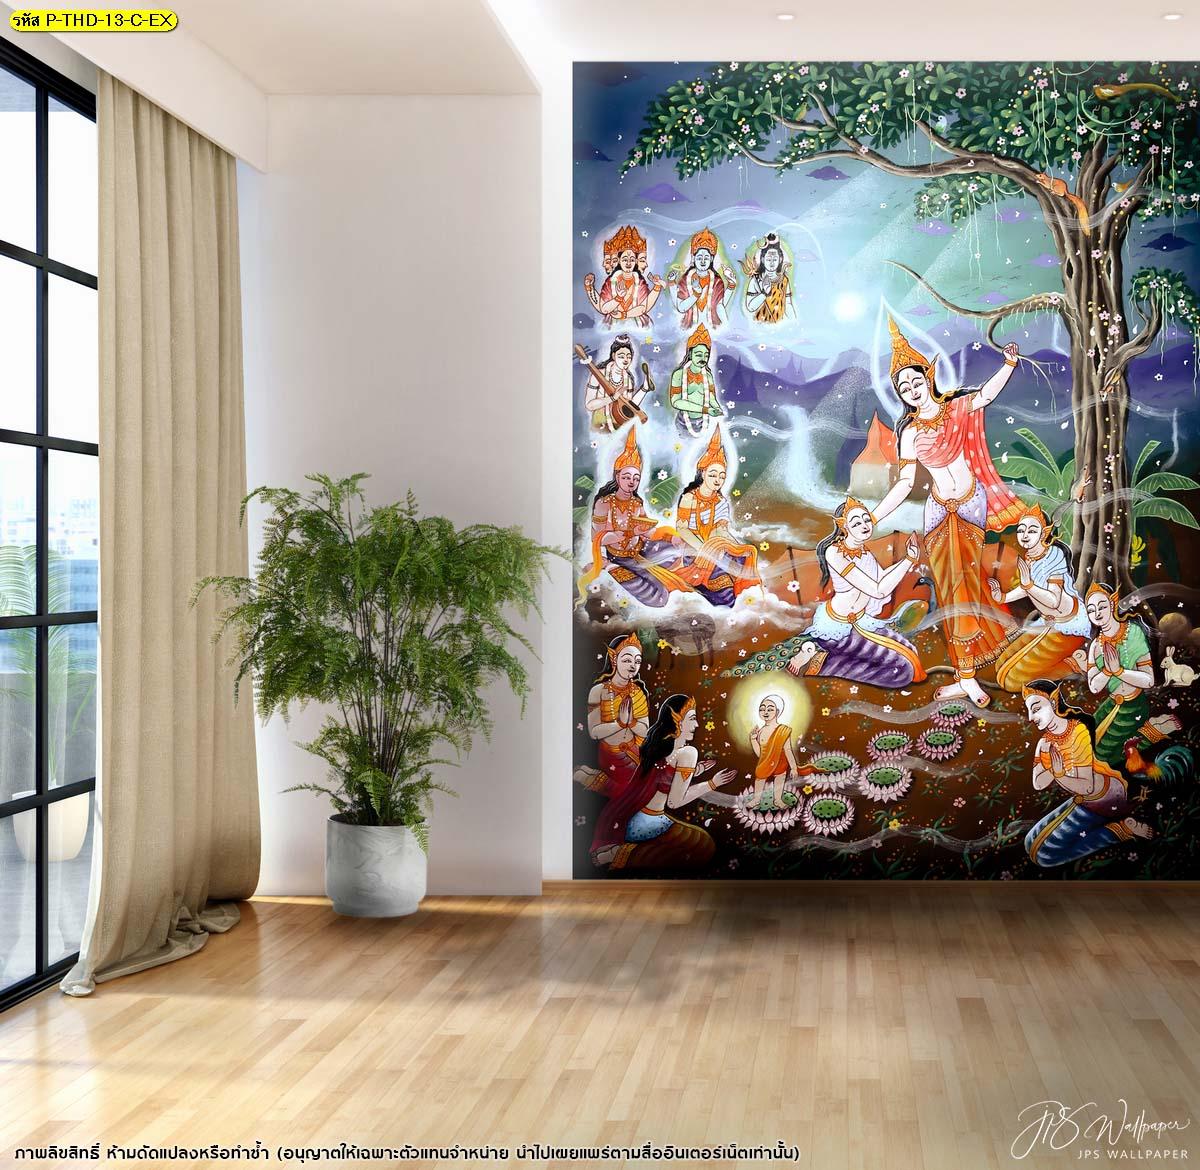 ภาพวาดพระพุทธเจ้า ออกแบบวอลเปเปอร์ติดผนัง วอลเปเปอร์ลายไทย